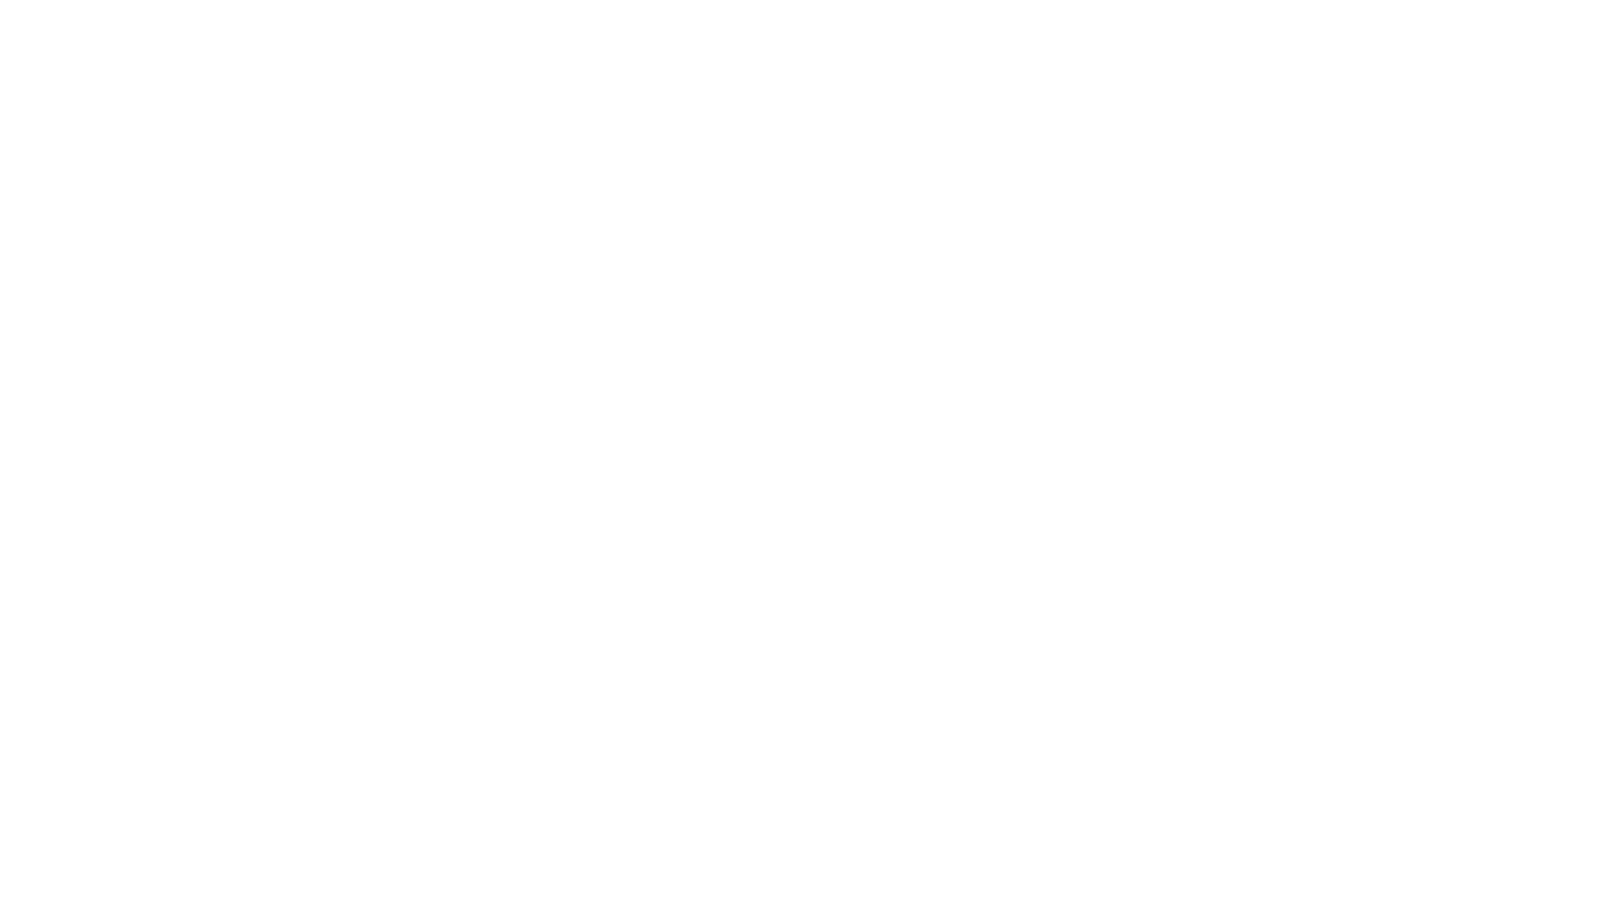 svadobné video kameraman Bratislava © Braňo Schmogrovits - ELIMEDIA / velkyden.sk To najlepšie video pre váš príbeh